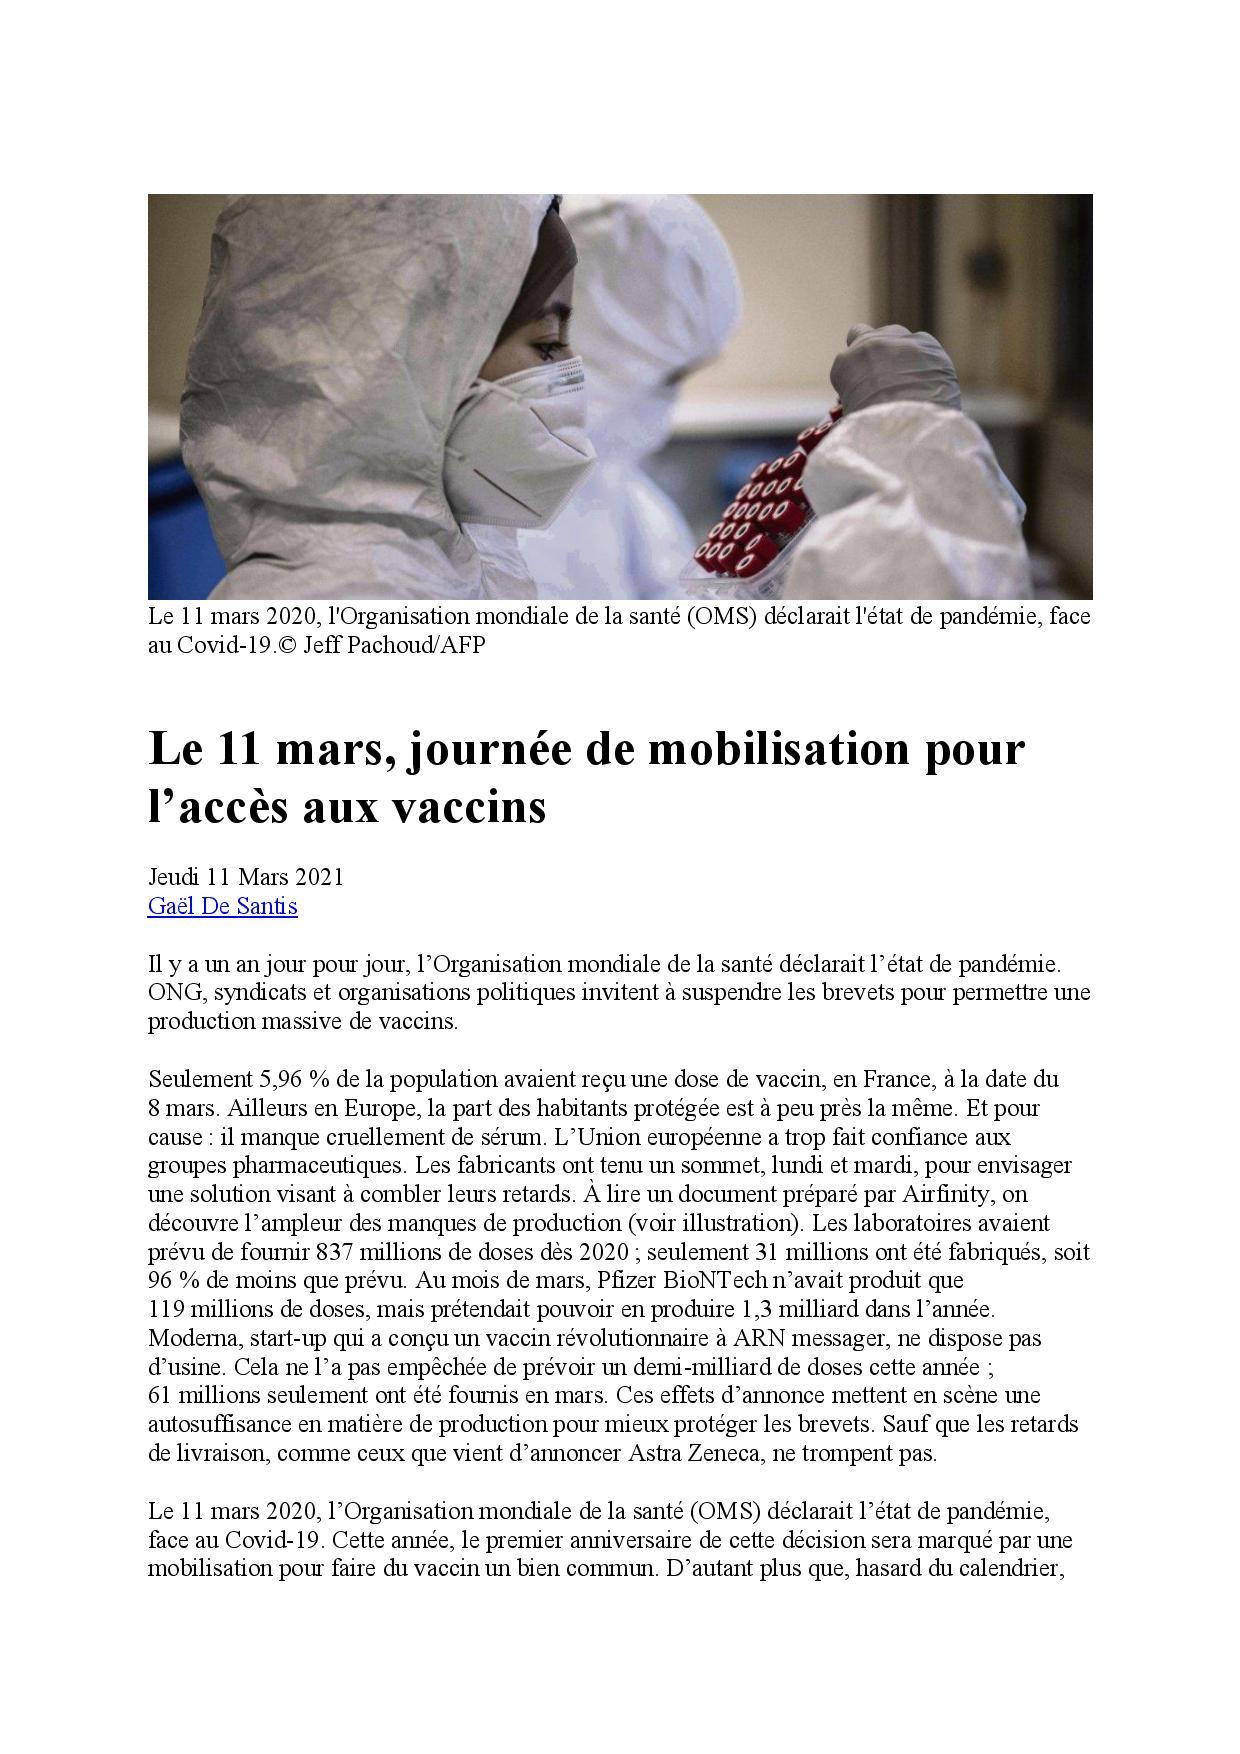 Le_11_mars_2020-page-001.jpg